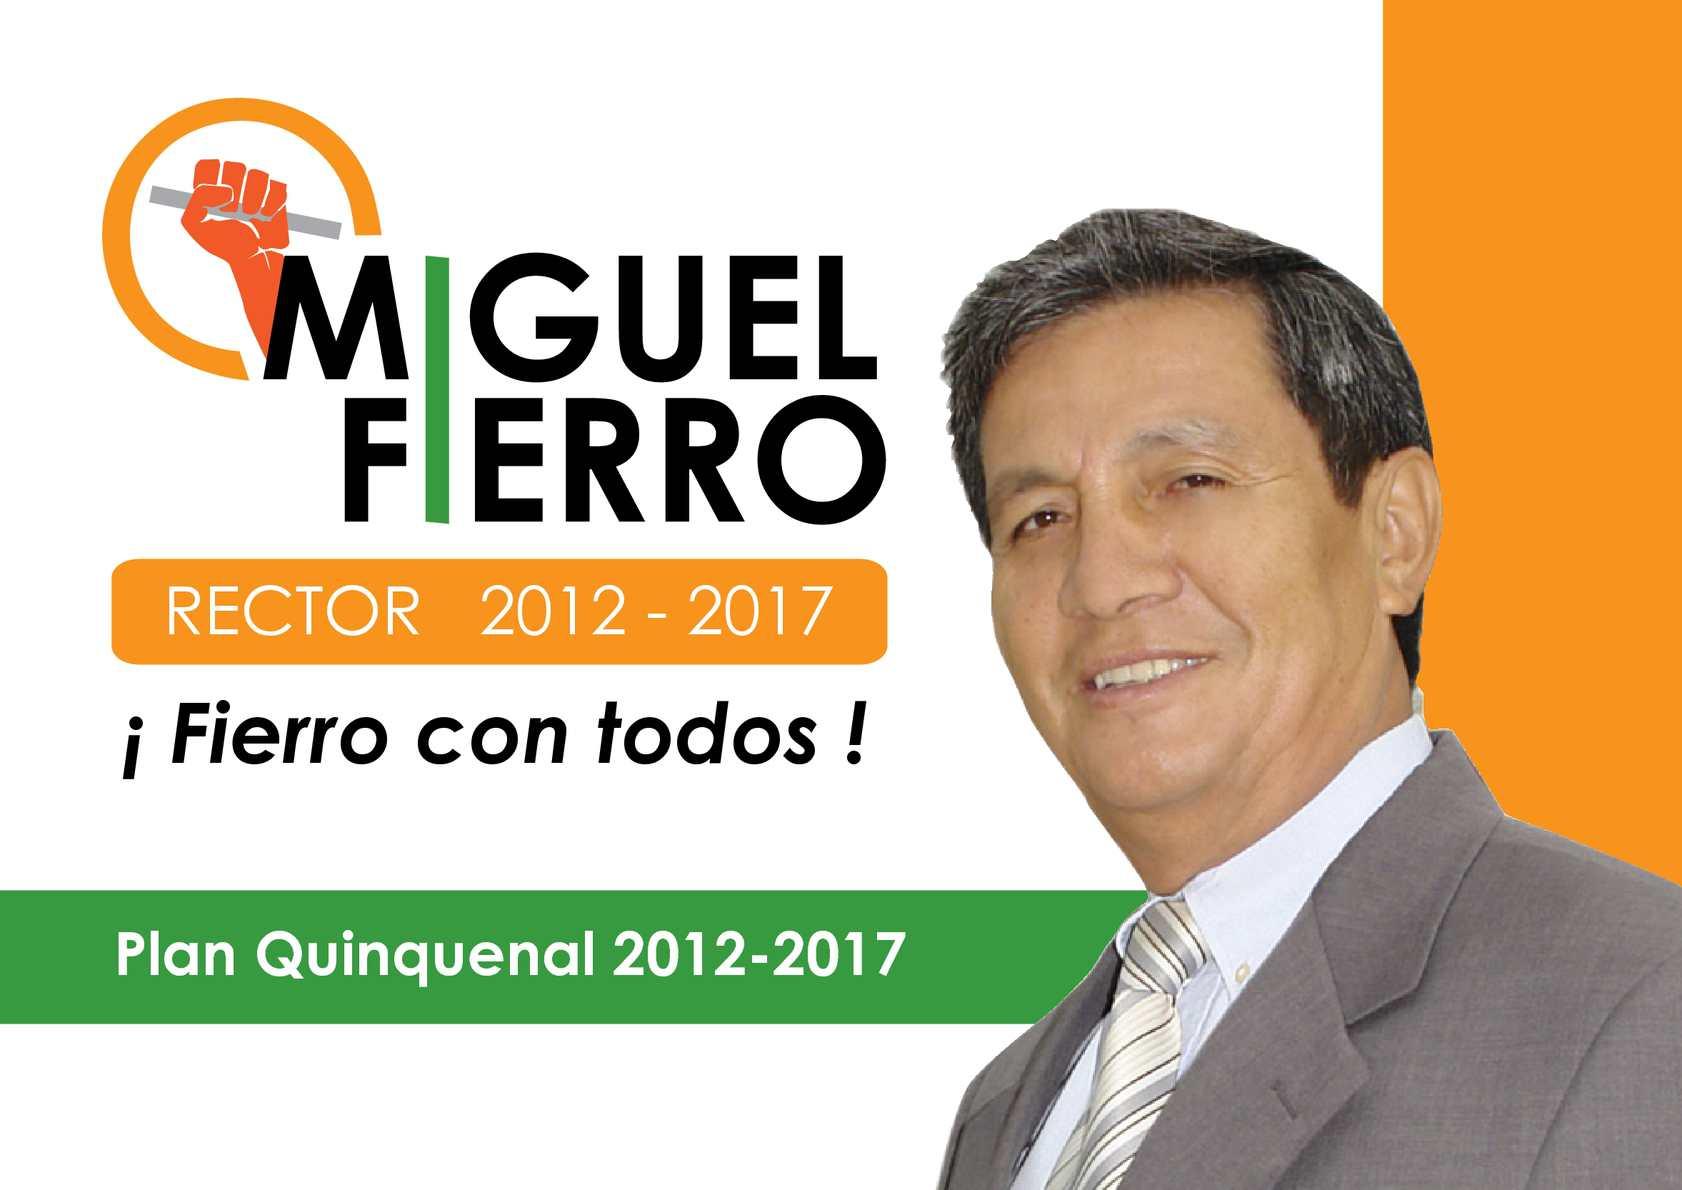 Propuestas Ing. Miguel Fierro para Rector de ESPOL